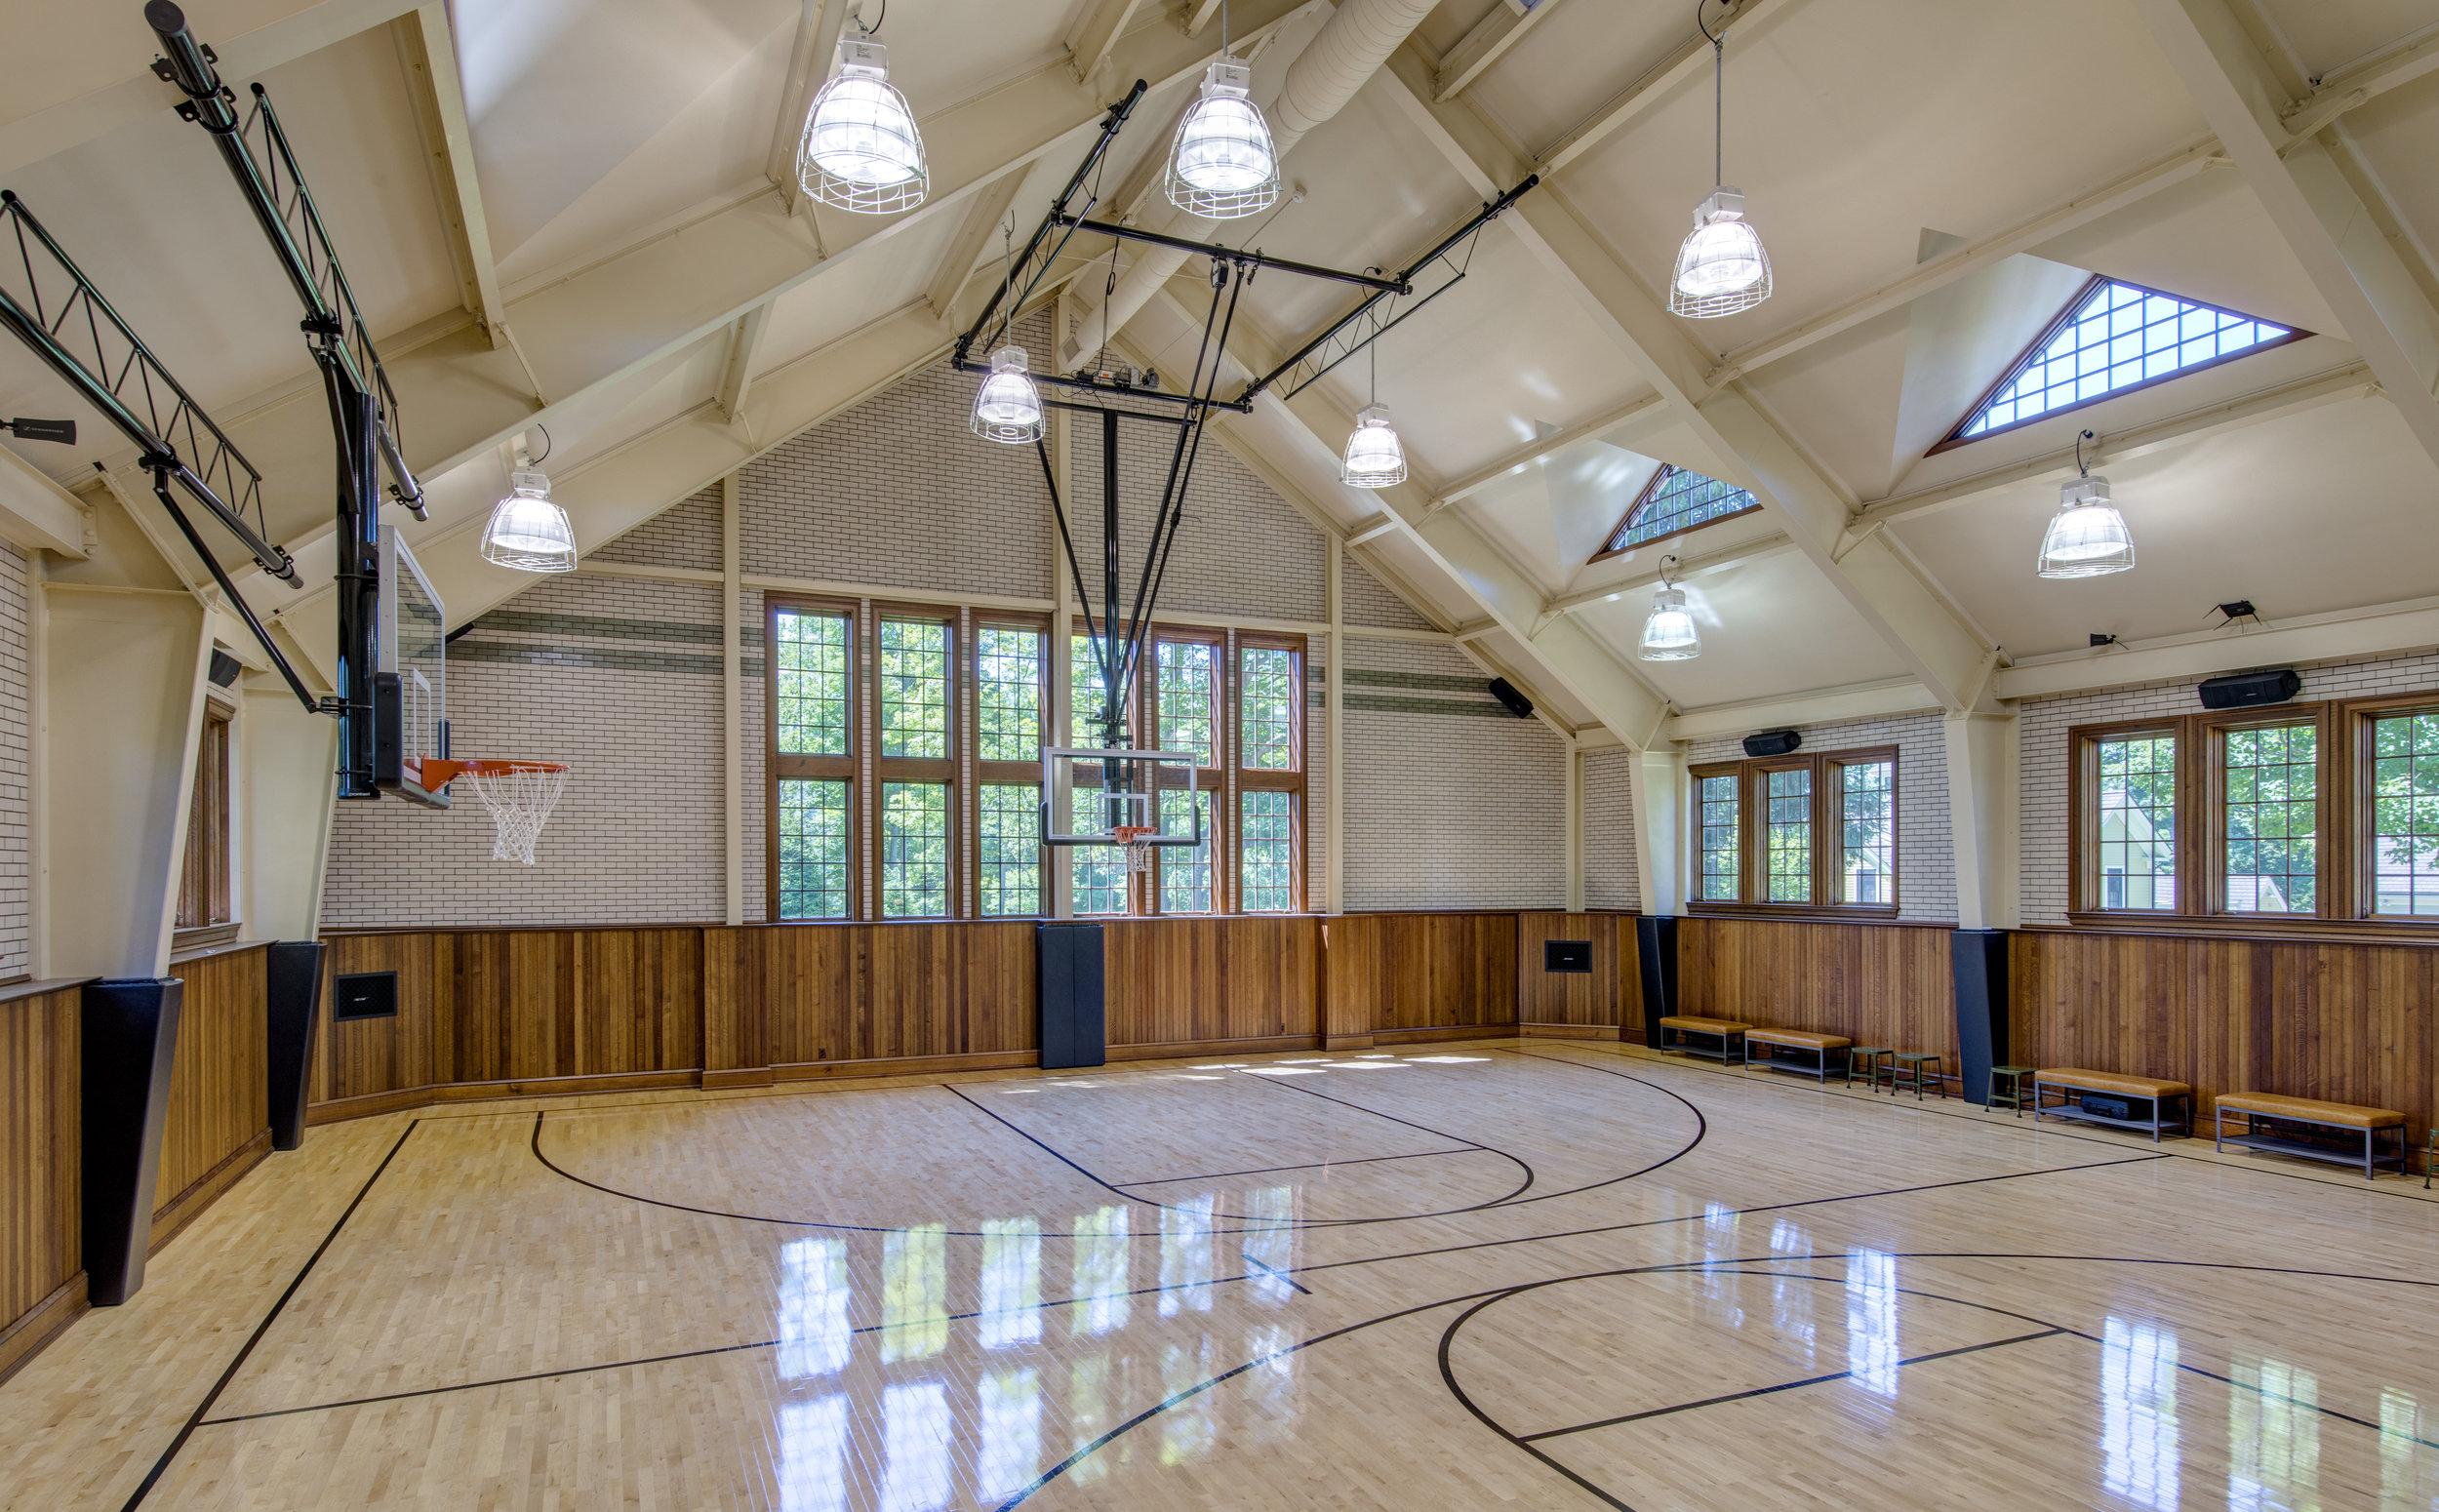 Easton Gym Int 6.jpg